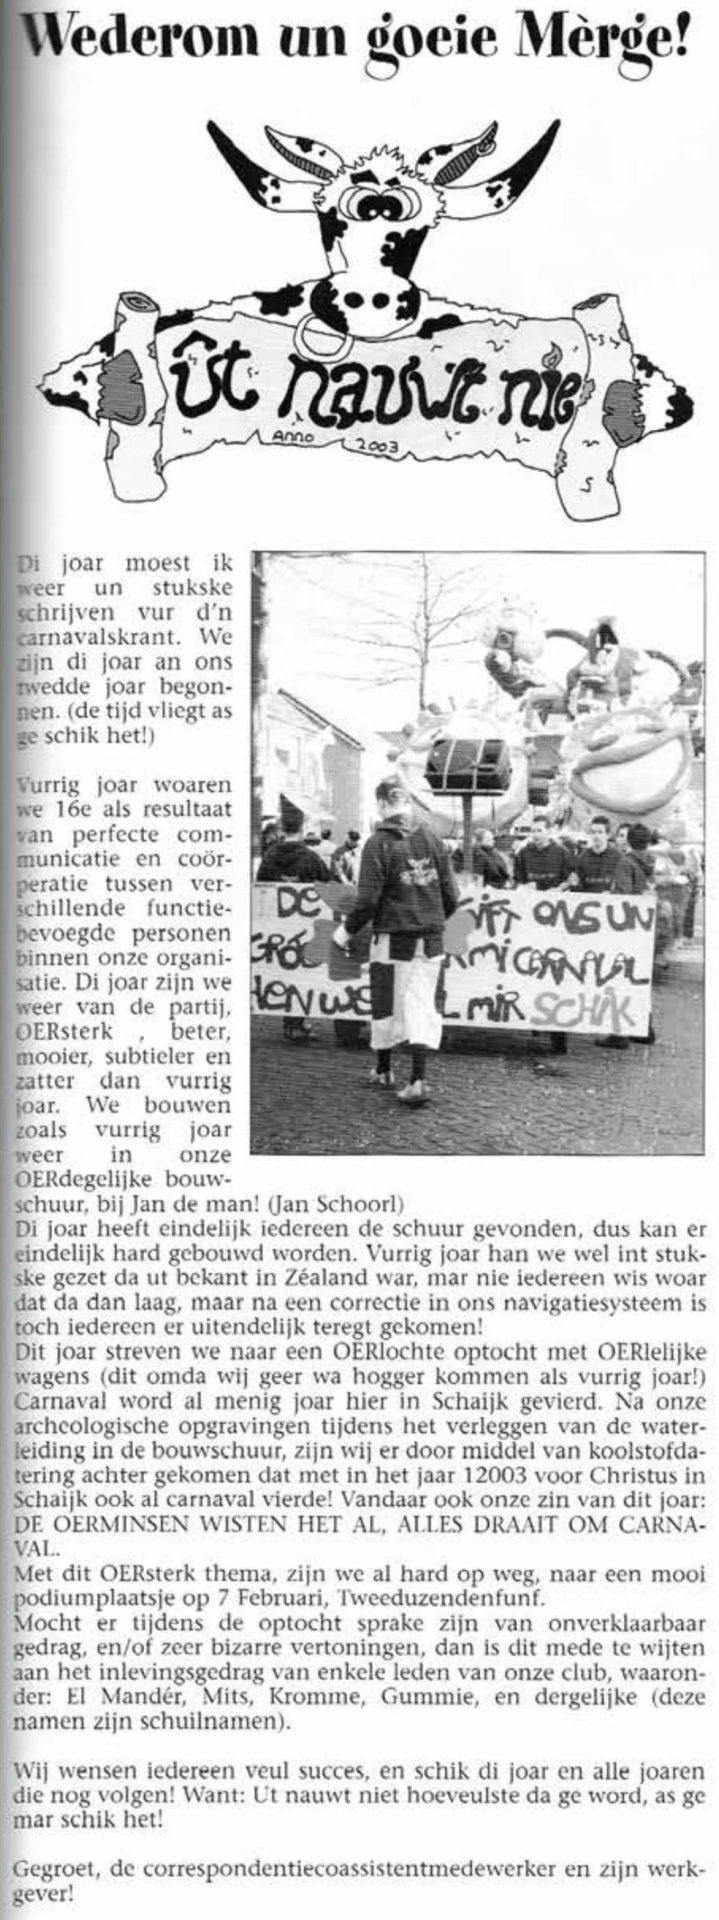 Stukje Ut Nauwt Nie in de carnavalskrant van 2005